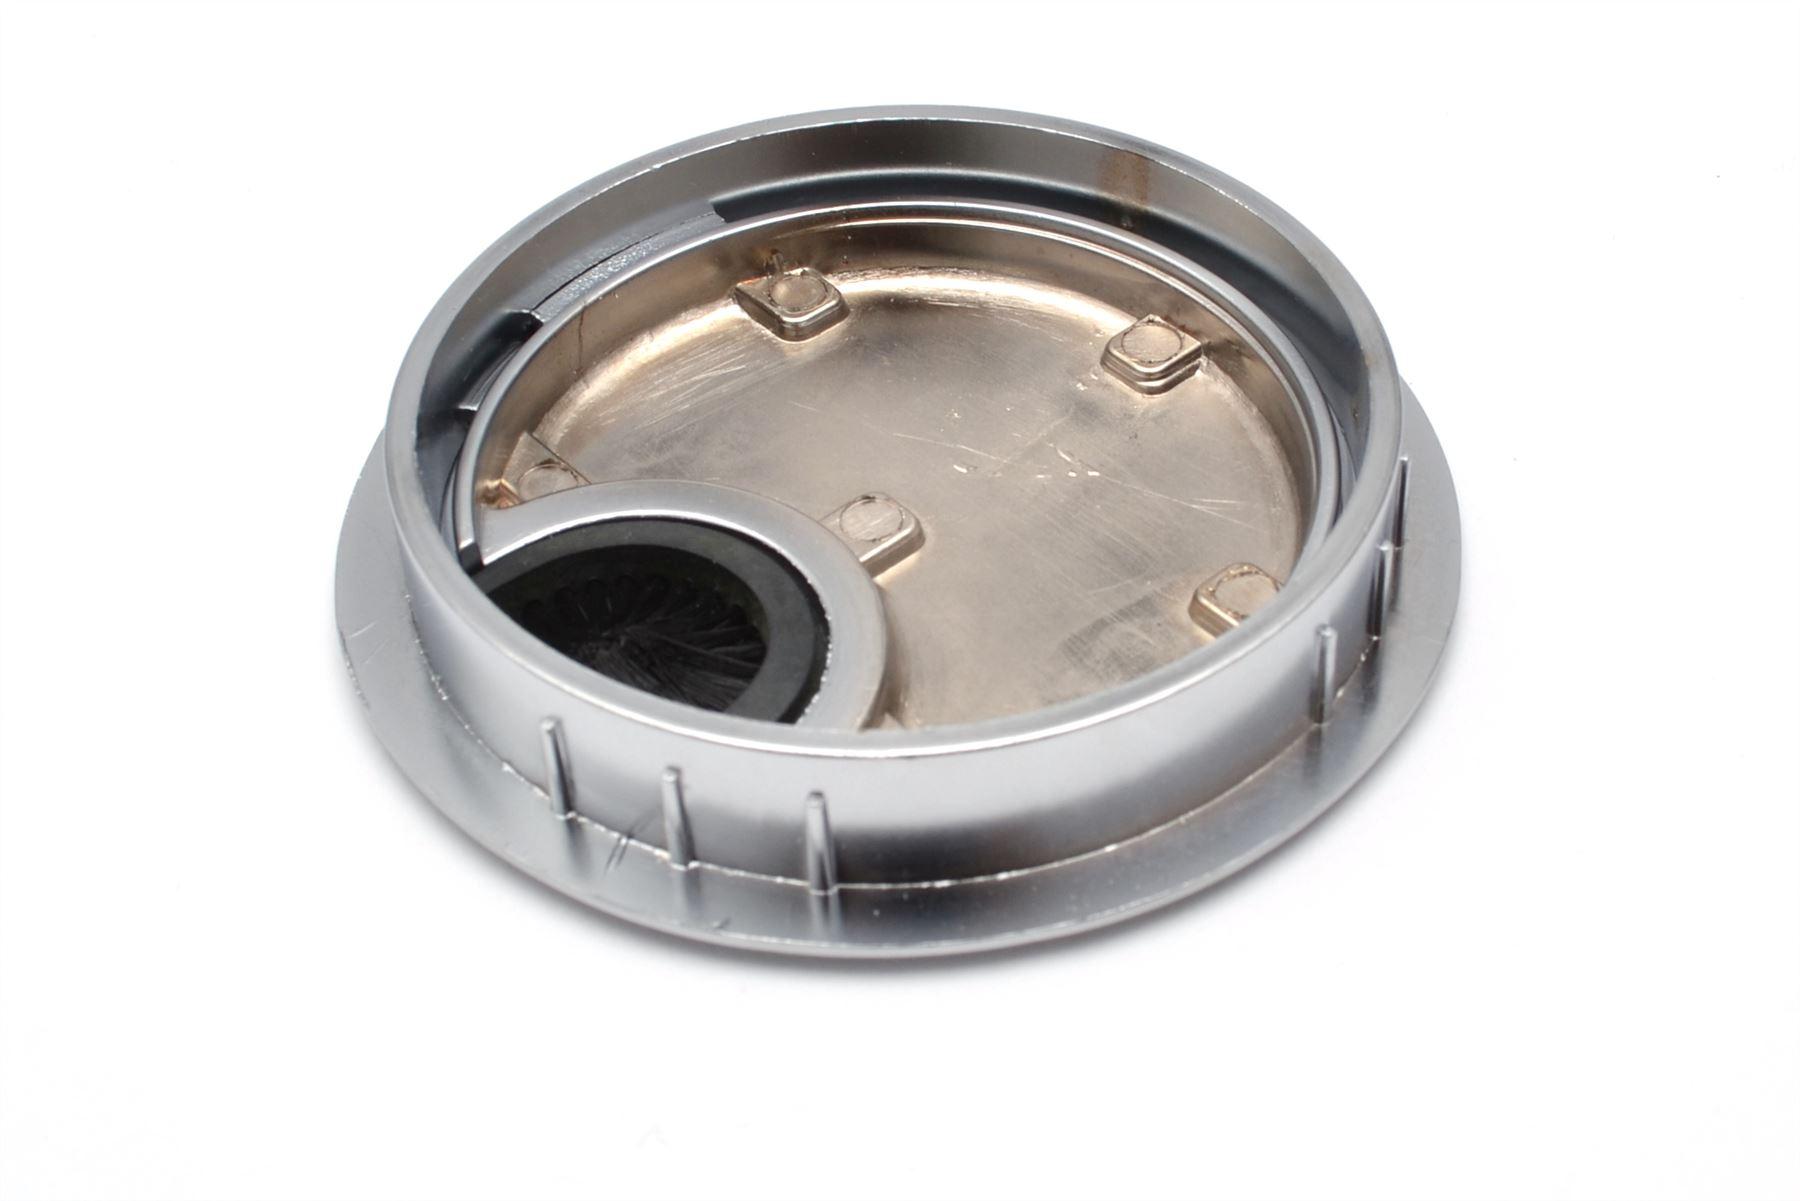 brush watertight product desk grommets grommet box gromtec seal access rb floor